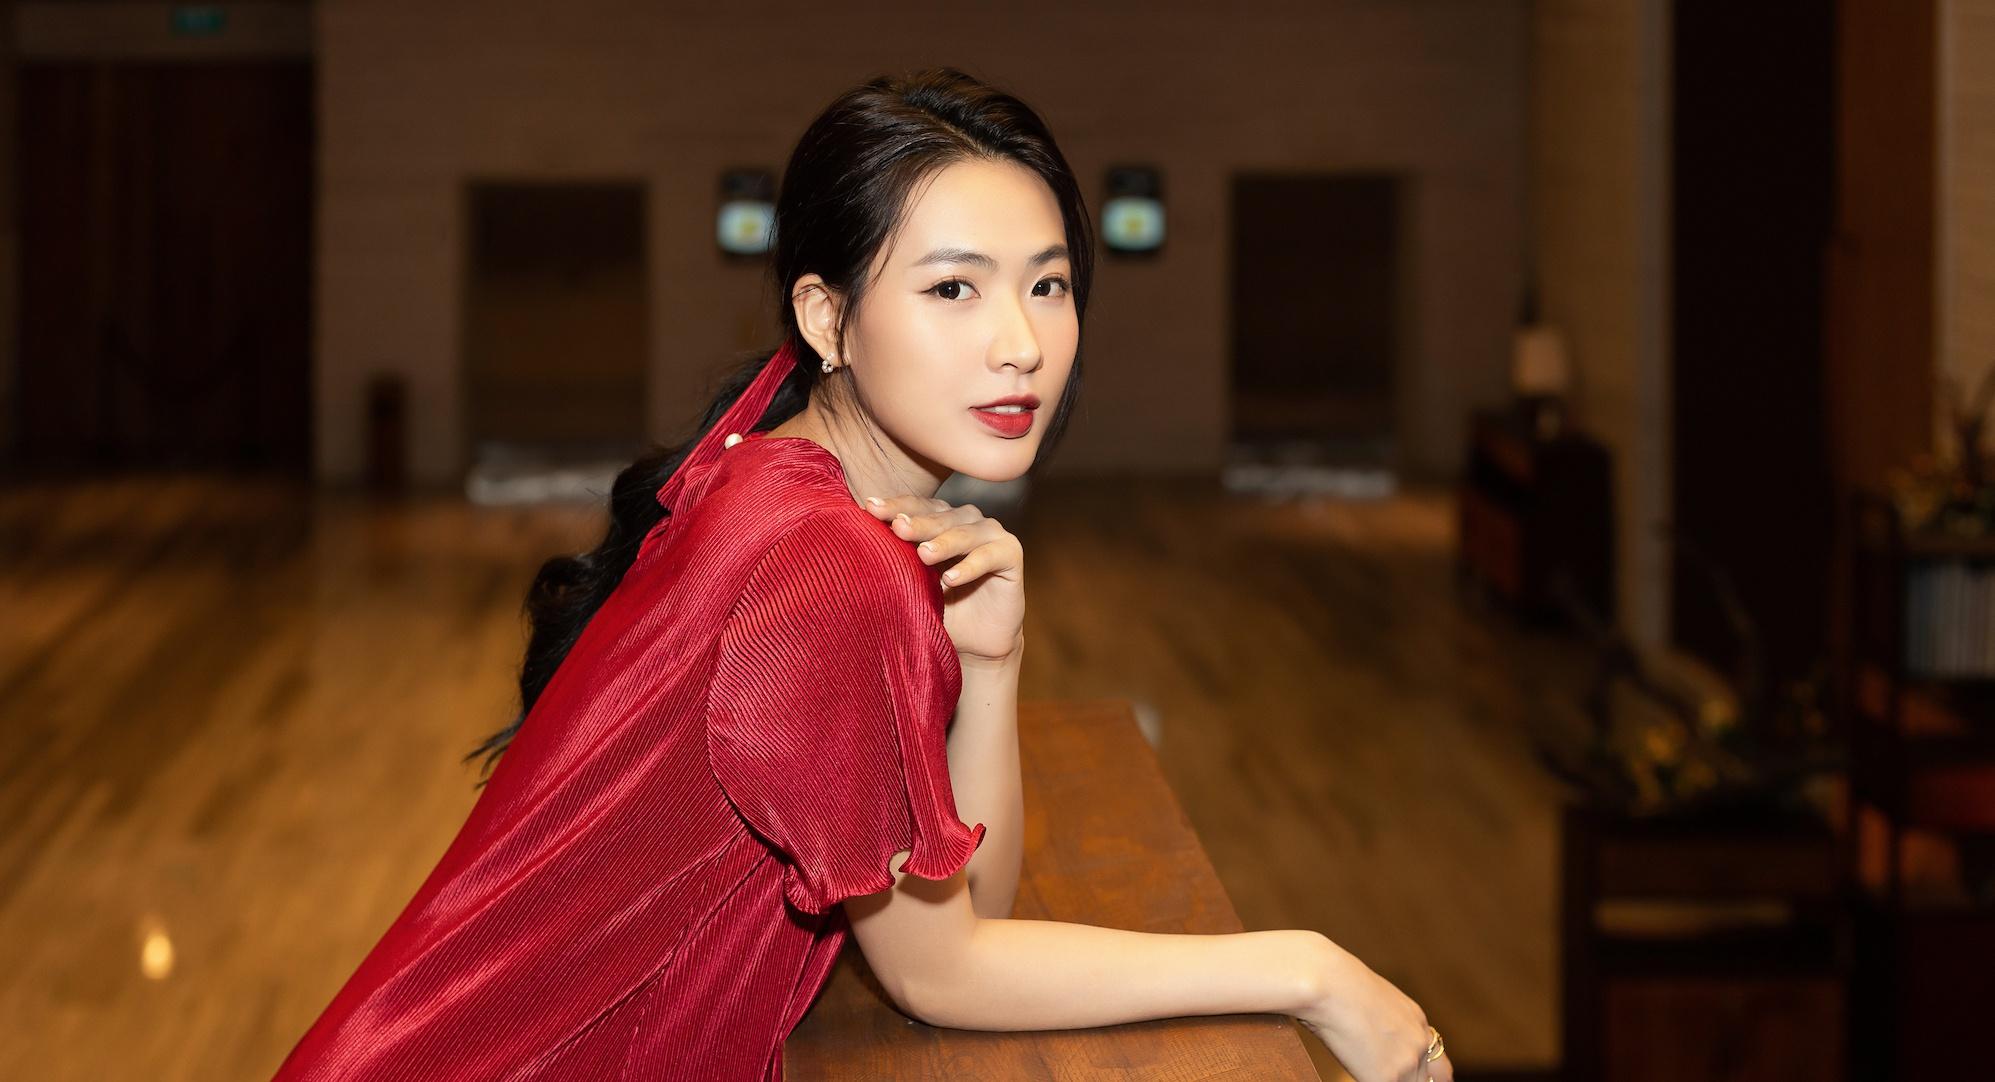 Minh Trang 'Cây táo nở hoa': 'Tôi thường bị nhầm là hot girl mạng'